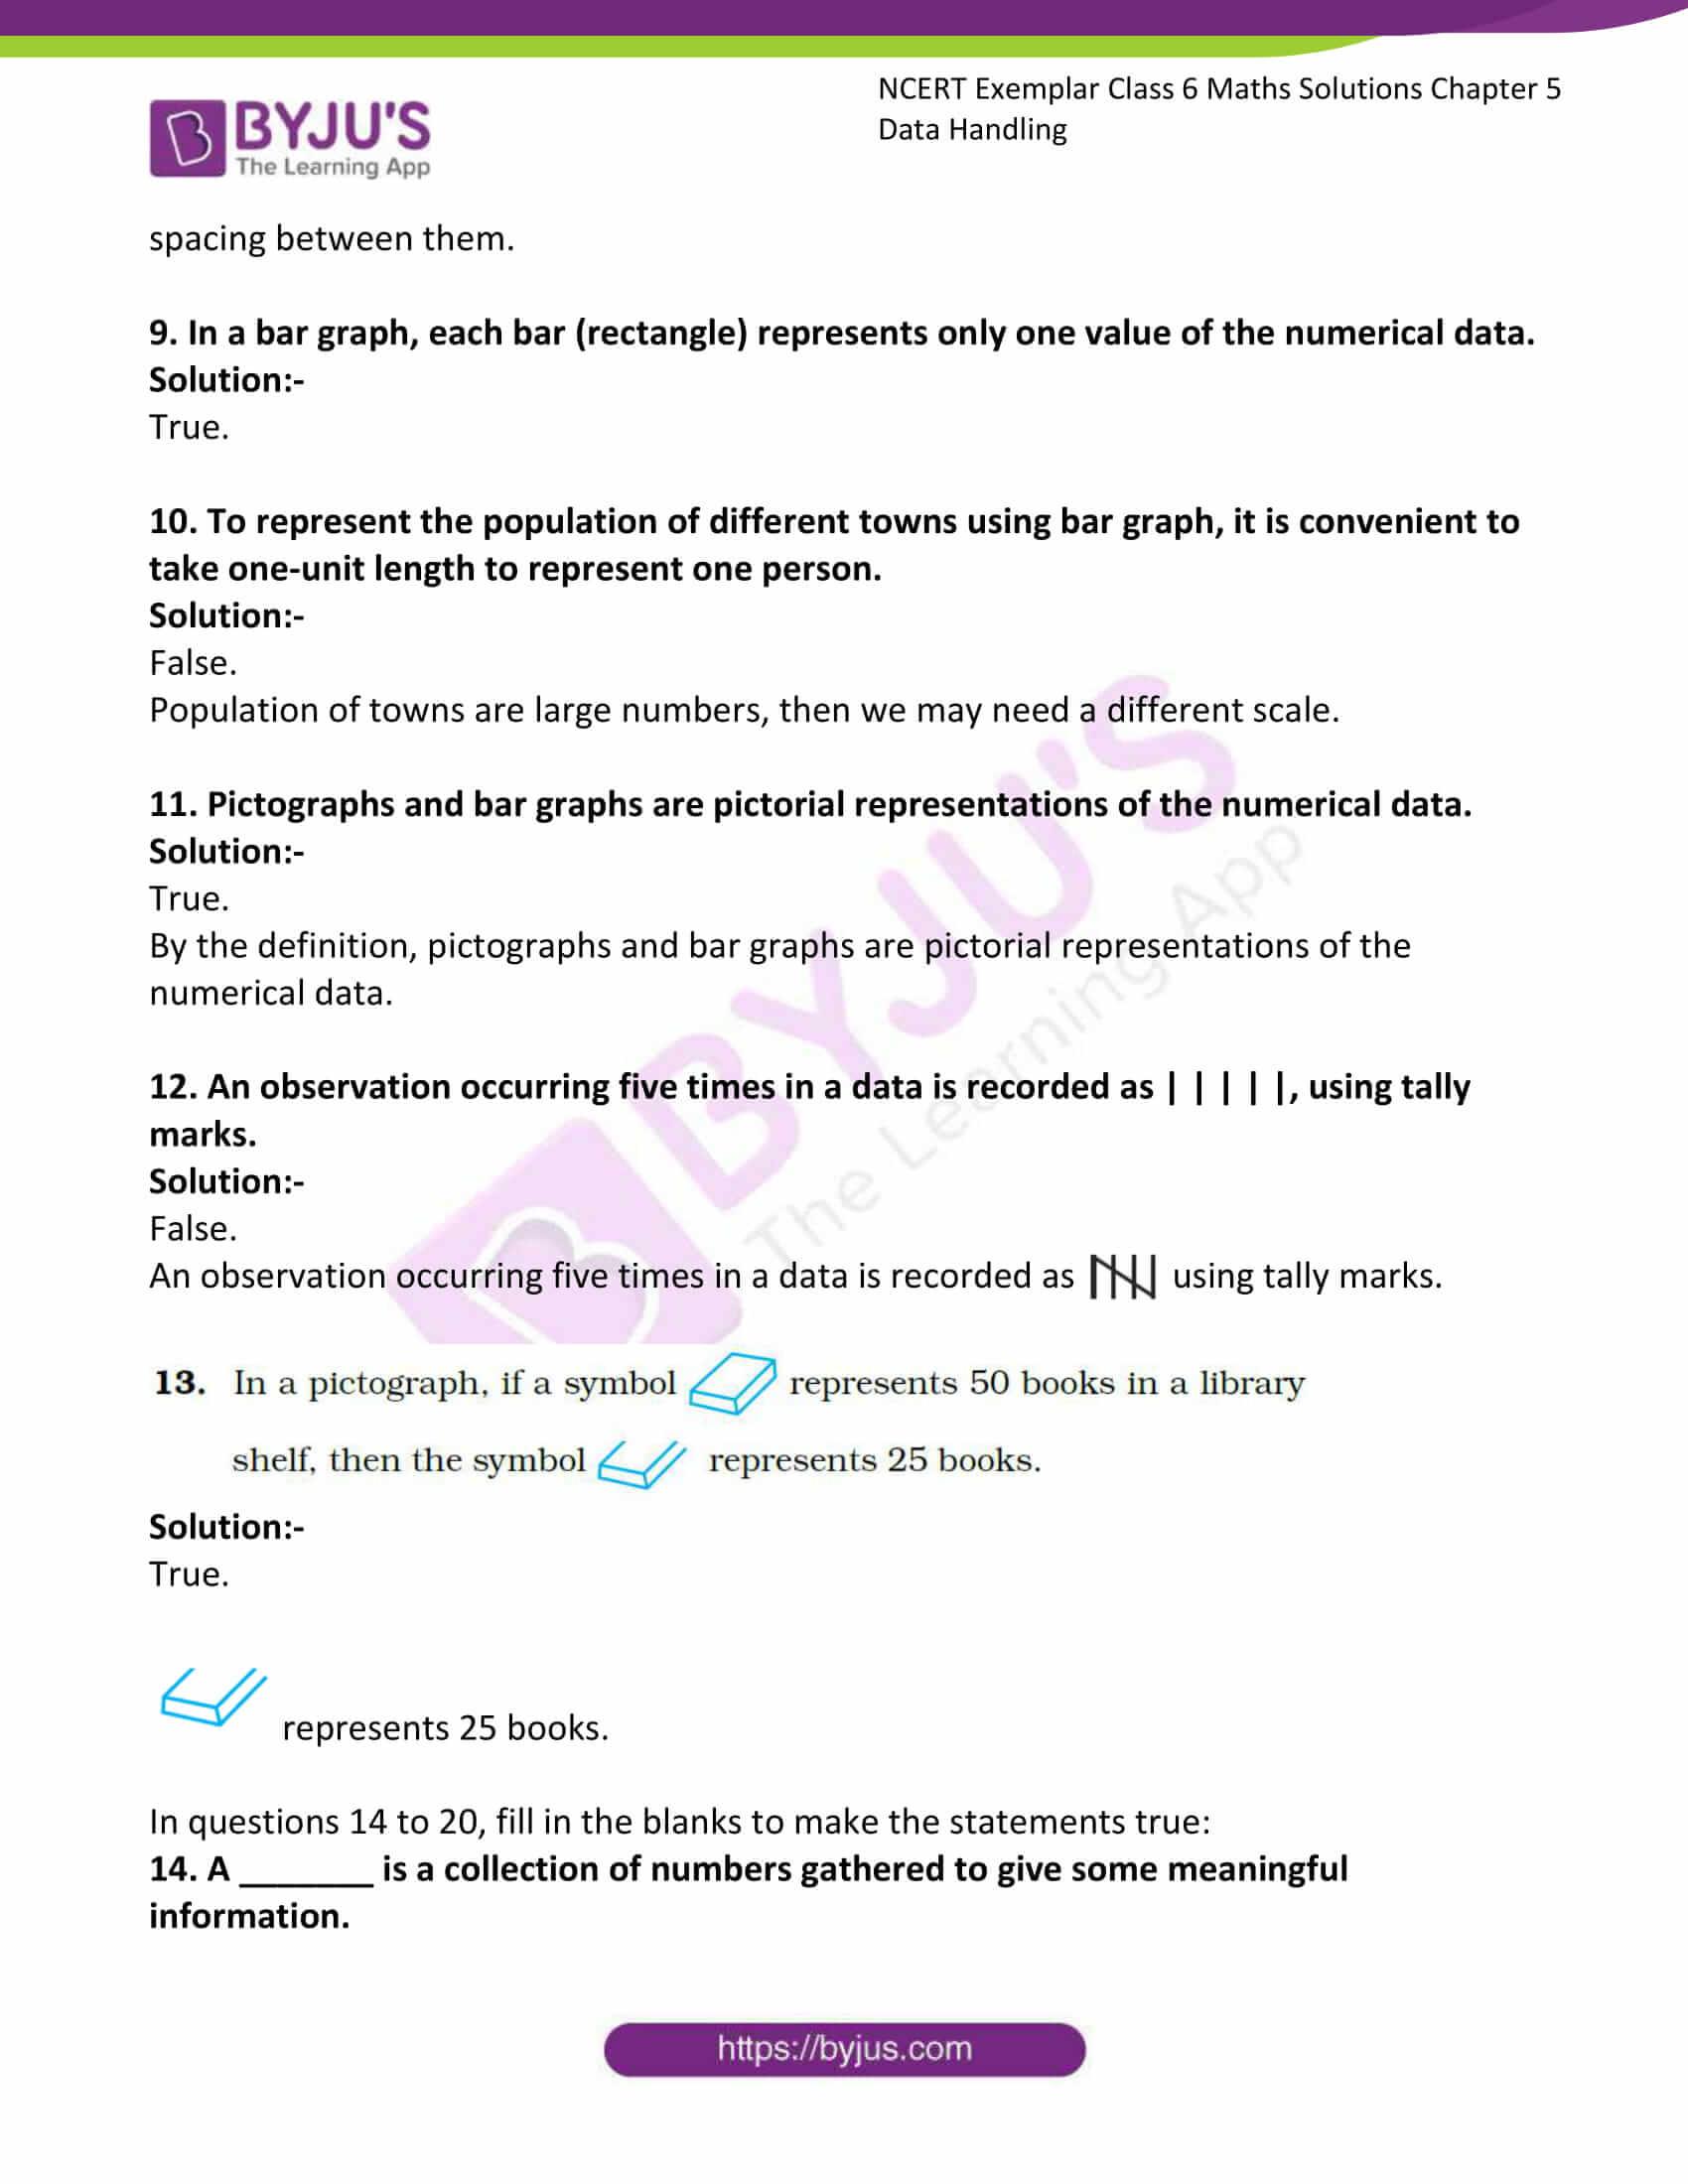 ncert exemplar class 6 maths sol ch 5 3